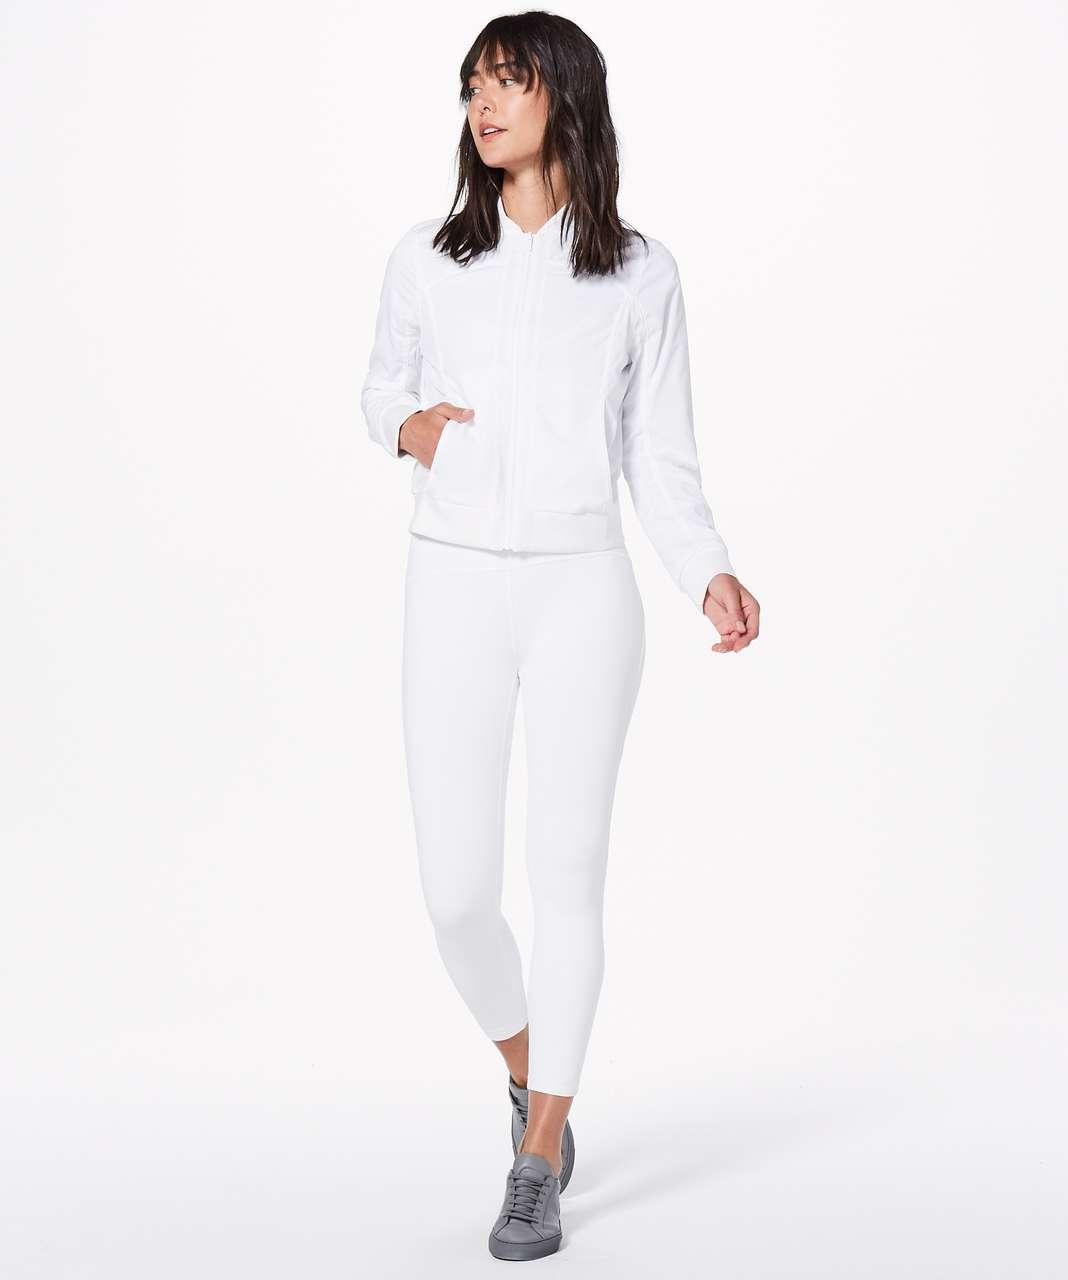 Lululemon Bomb Around Jacket *Reversible - White / Eternal Wave White